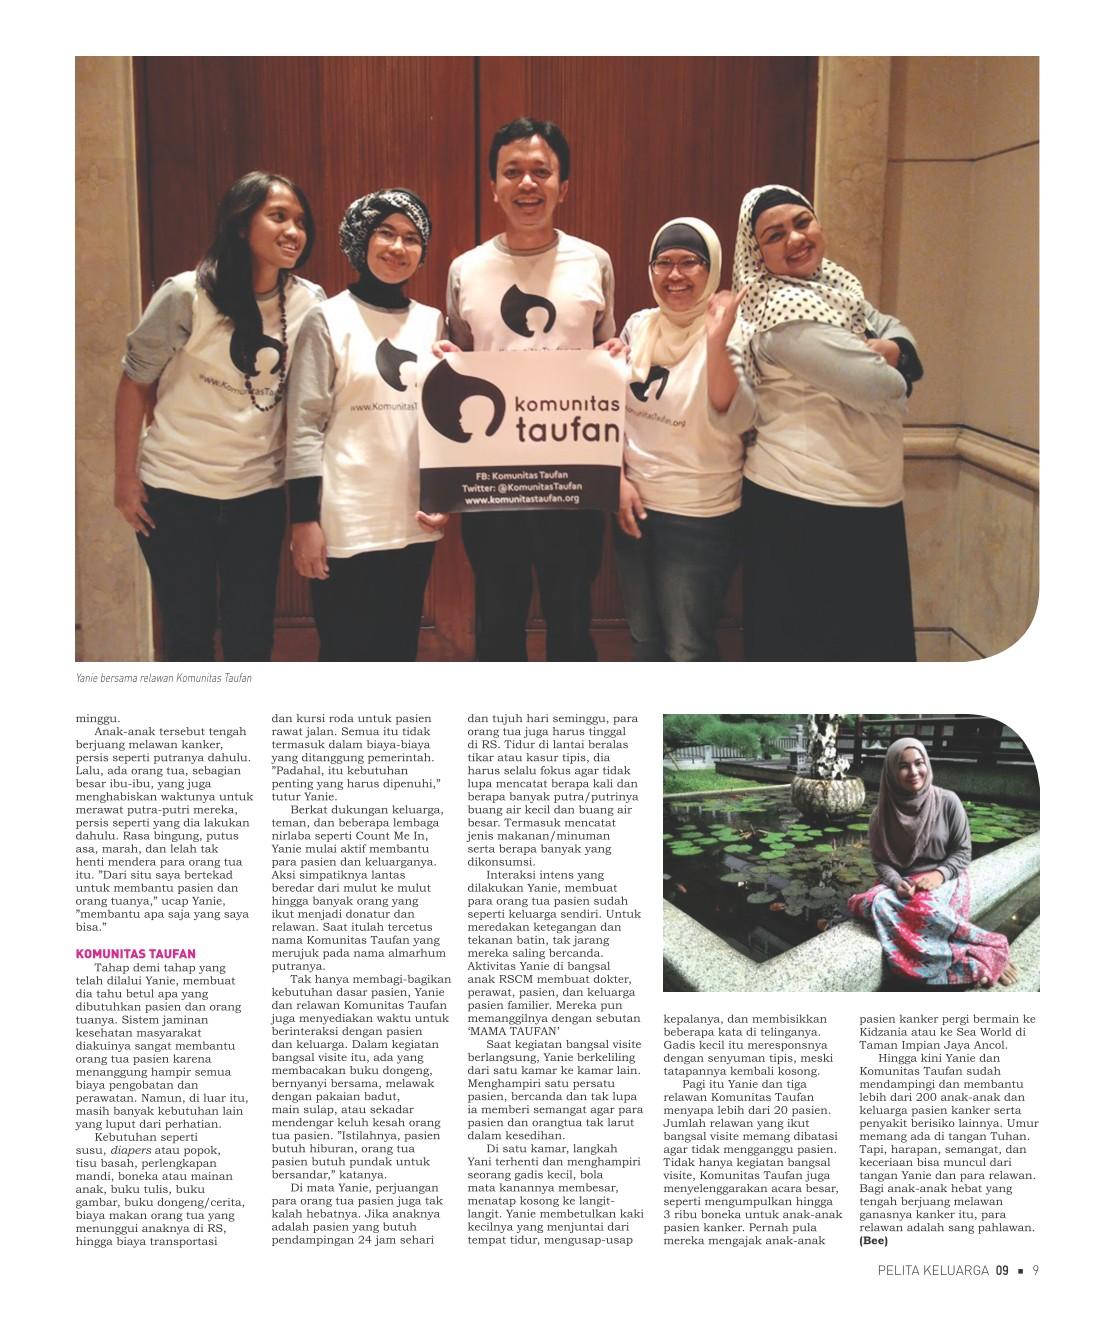 2015.03.11 - Pelita Keluarga - Edisi 9 - Komunitas Taufan_03